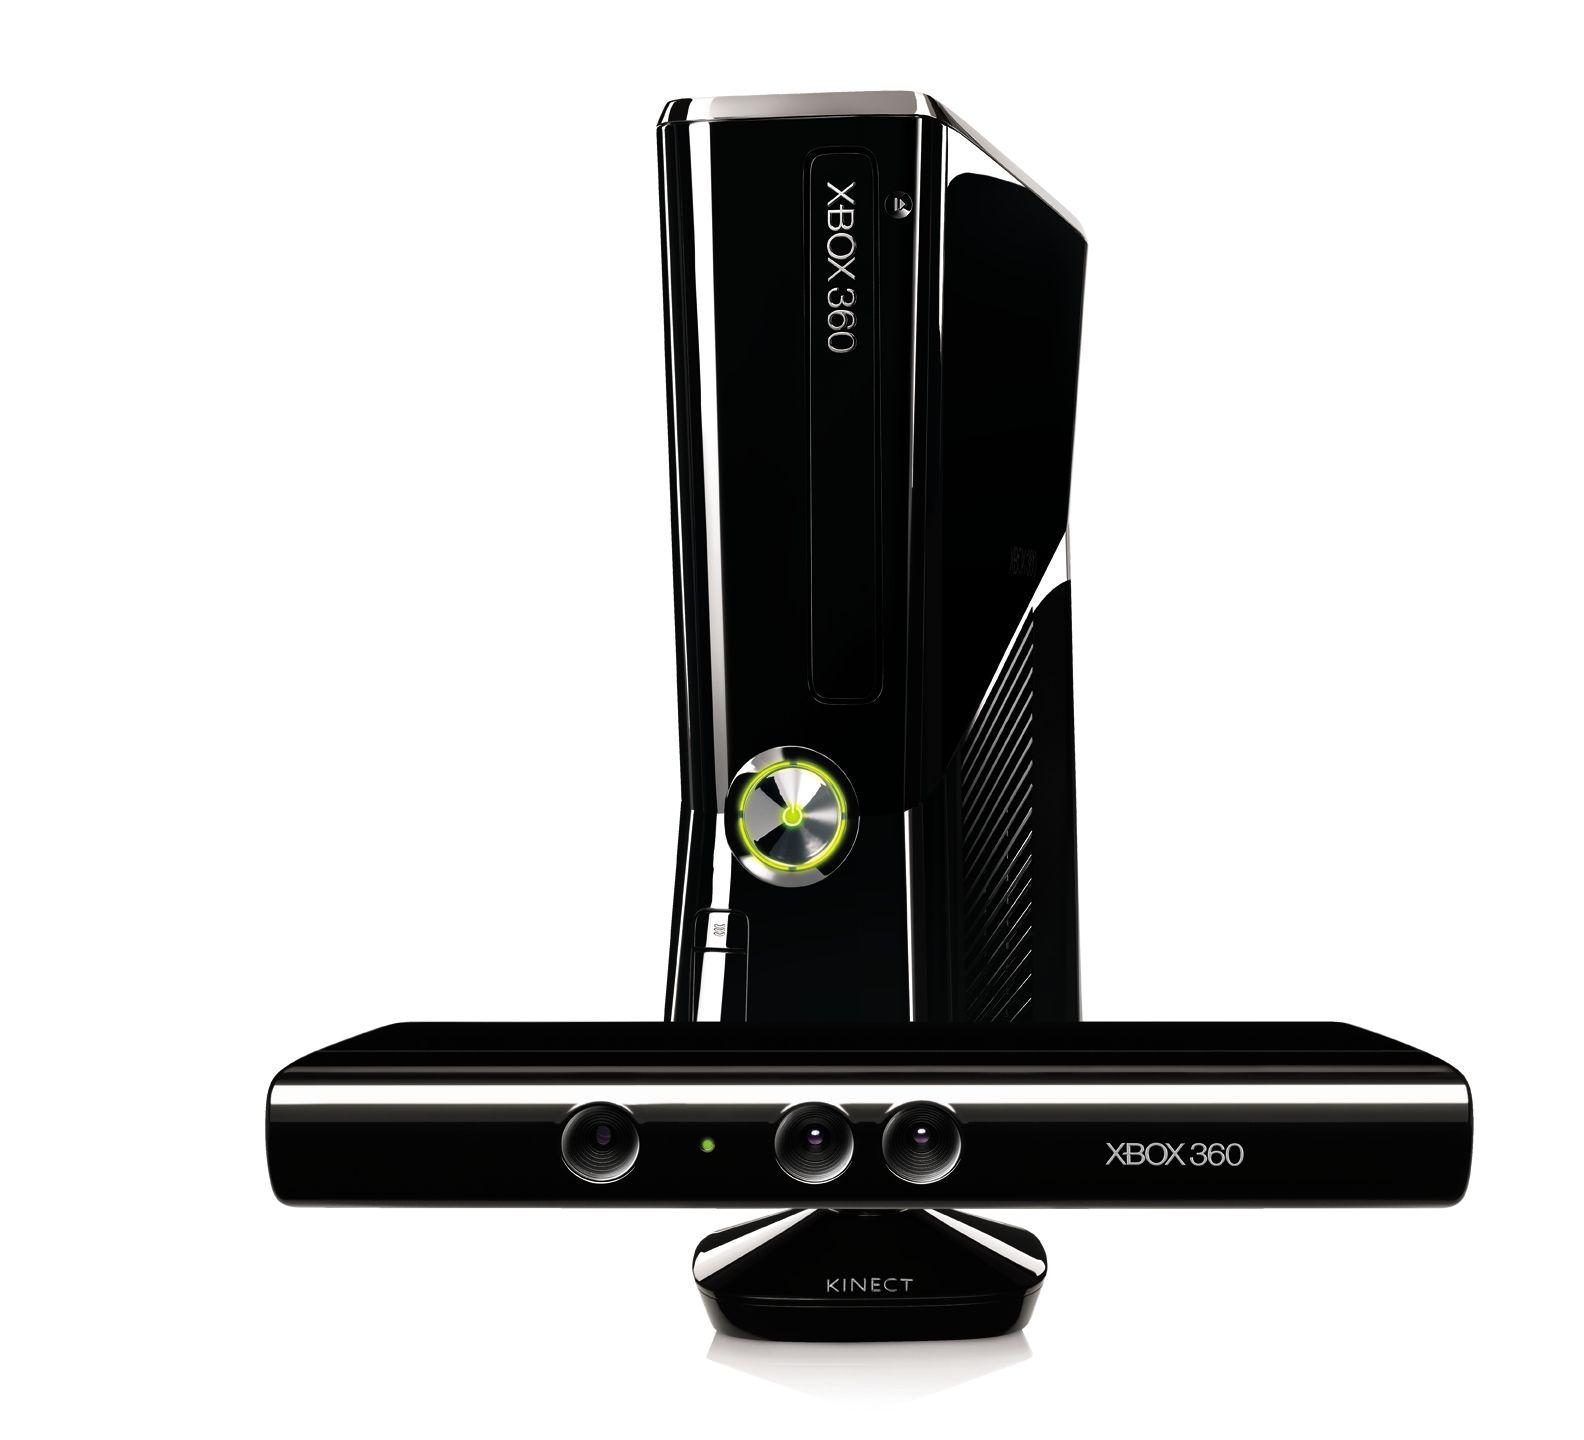 Marius vil at Kinect-teknologien utnyttes til mer enn dansespill og dårlige partyspill.